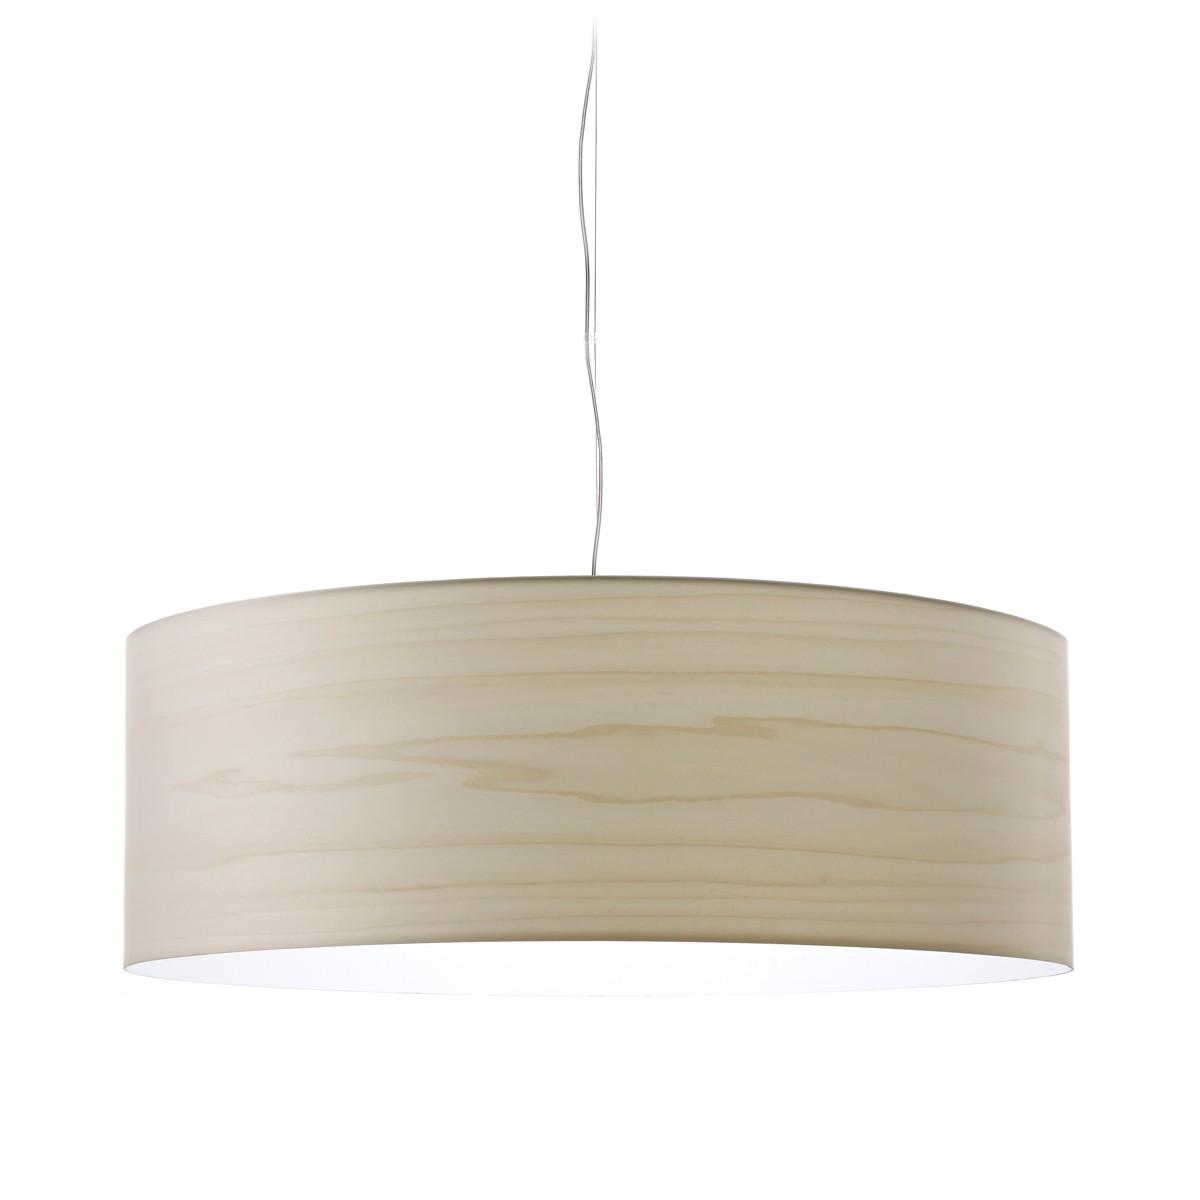 LZF Lamps Gea Large Pendelleuchte, elfenbeinweiß